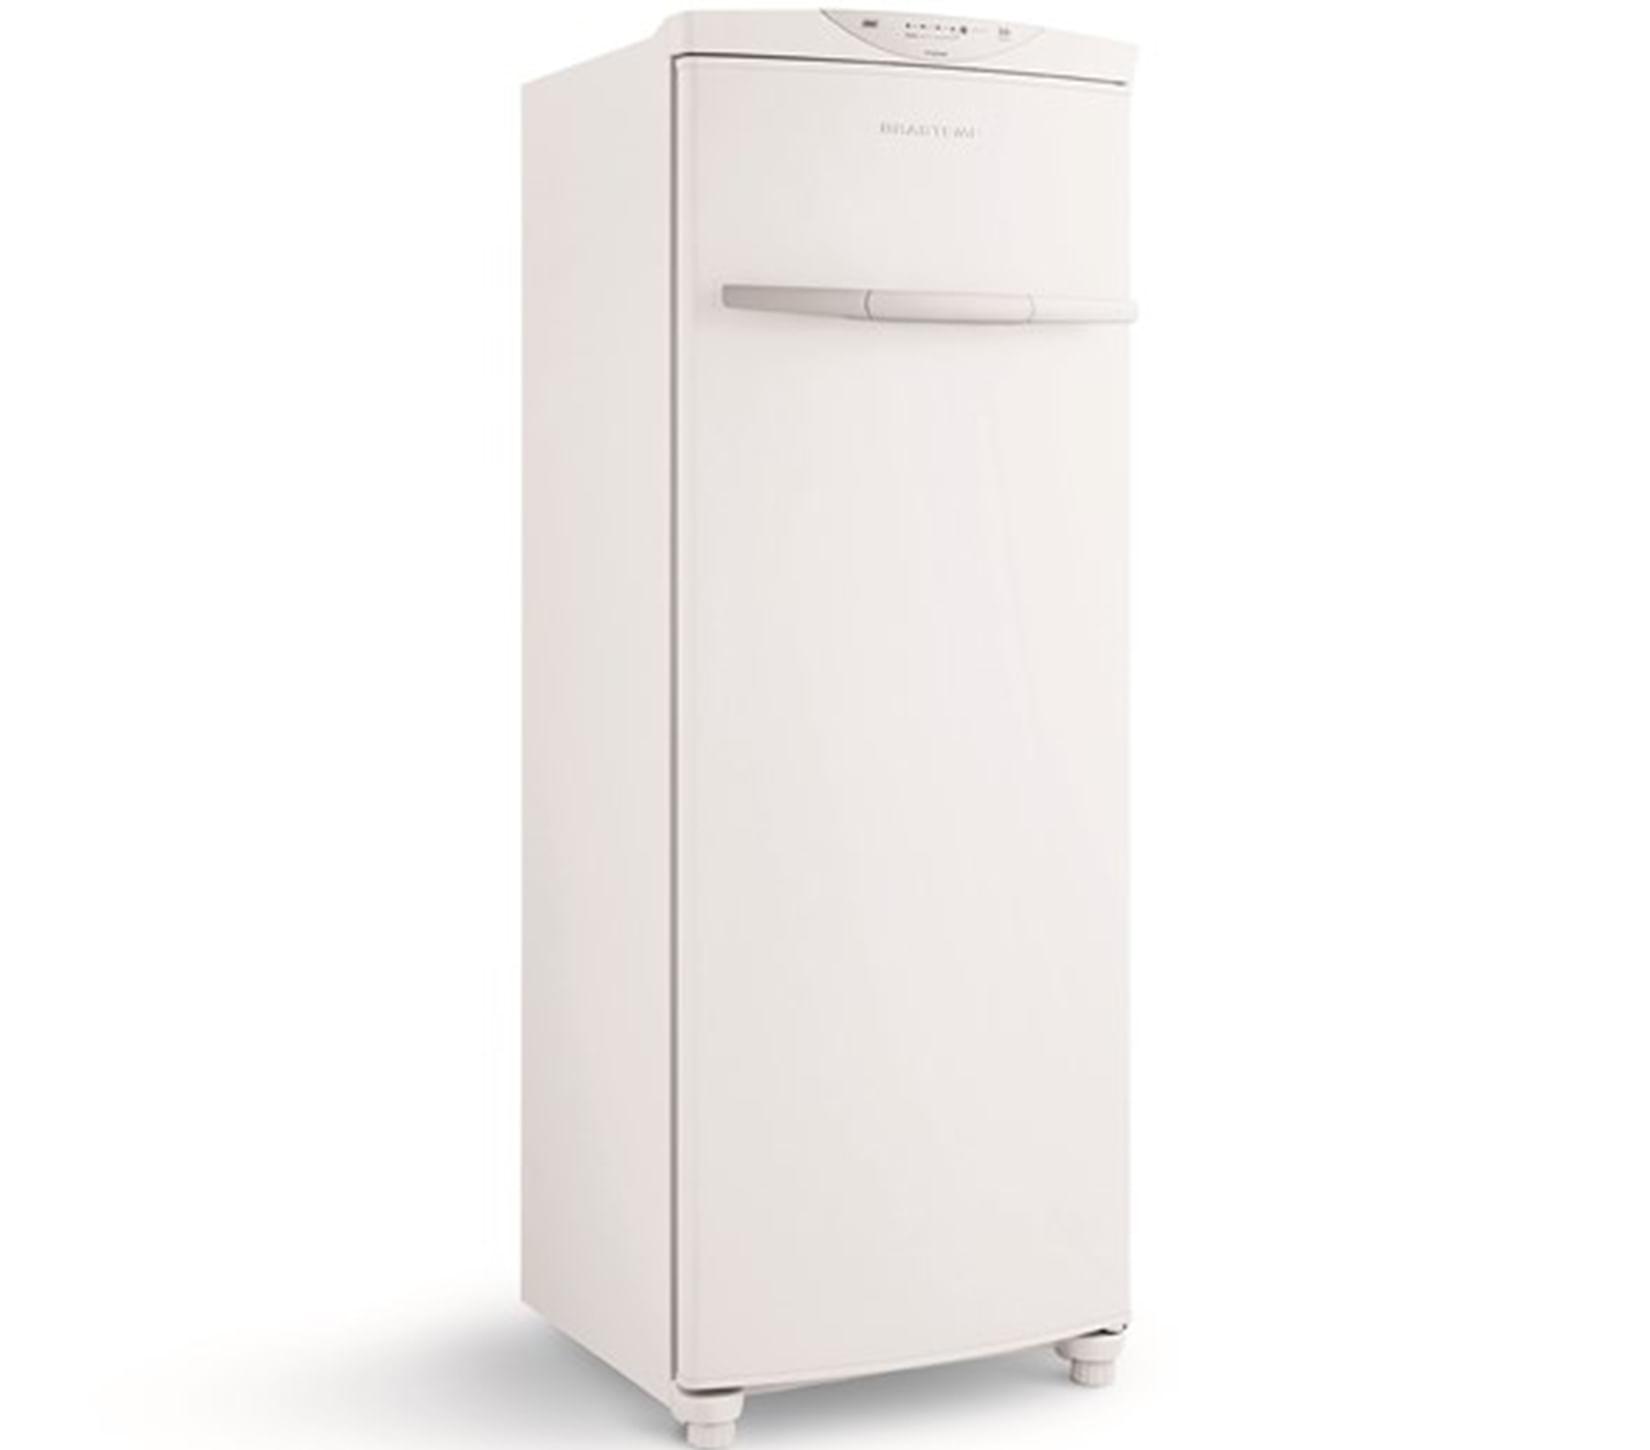 Geladeira Brastemp Clean Frost Free 342 Litros